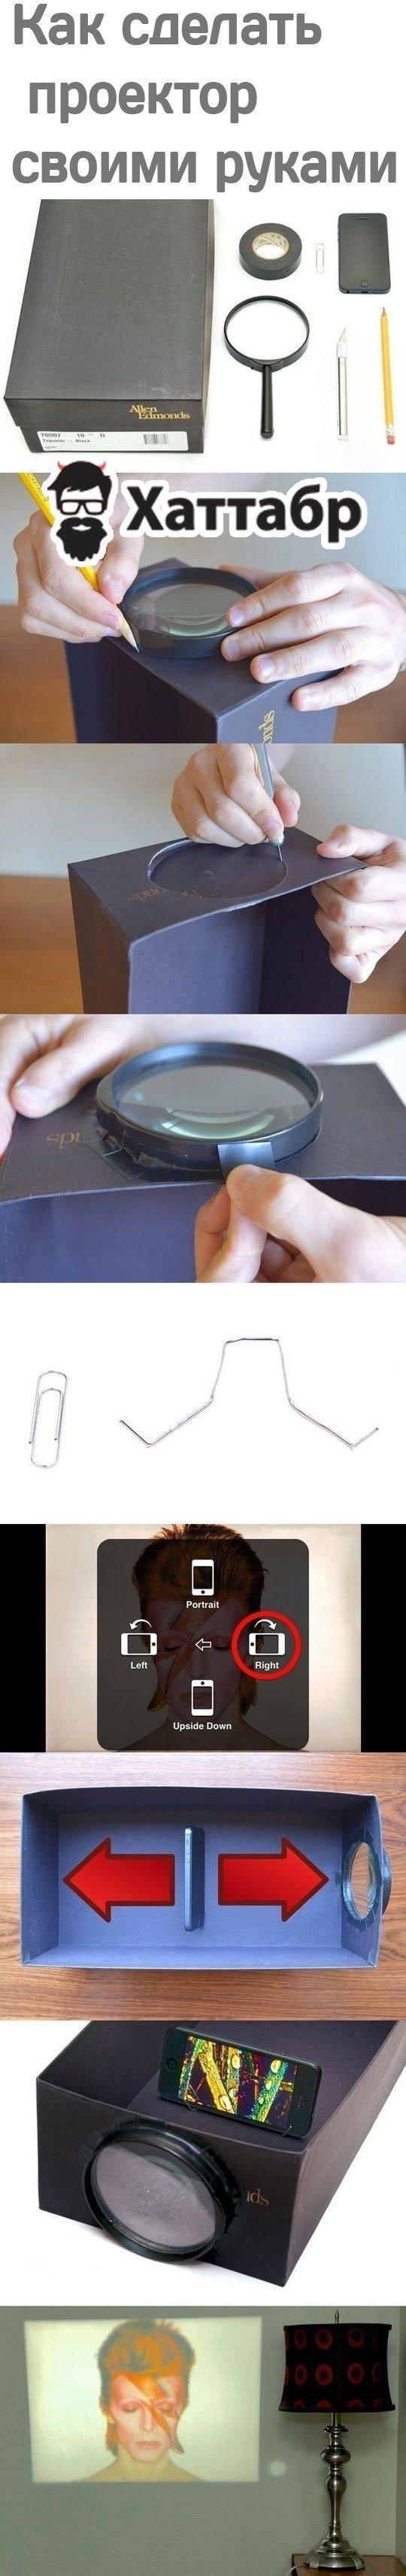 Проектор на смартфон своими руками 423